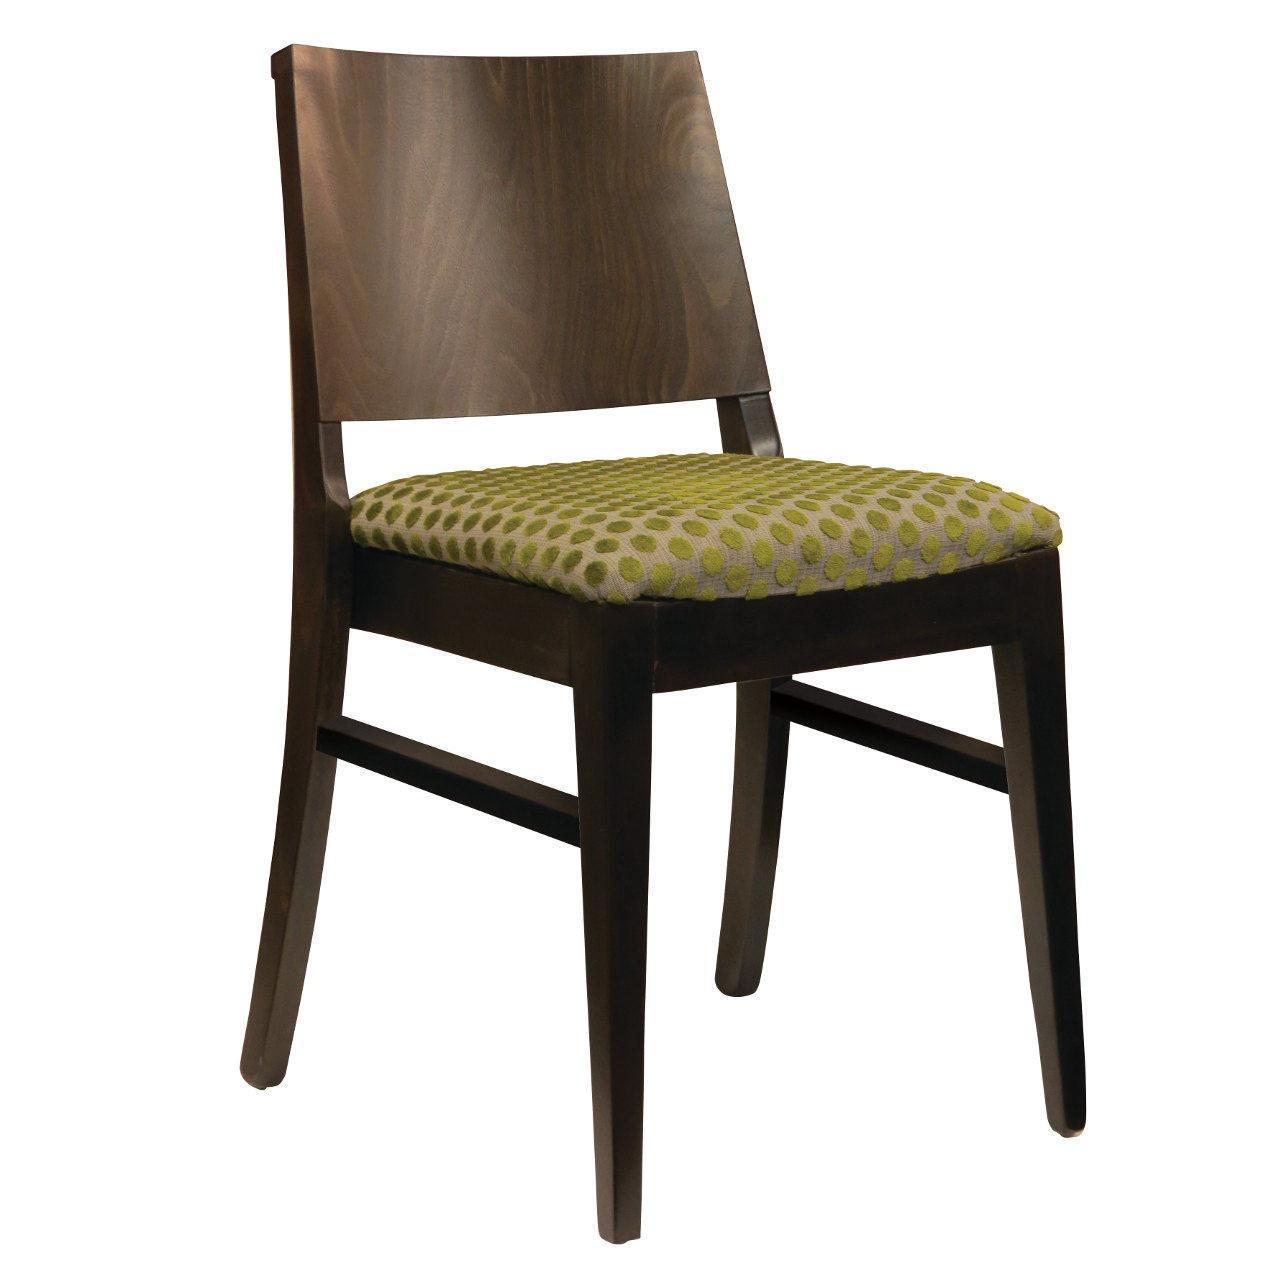 Robert side chair